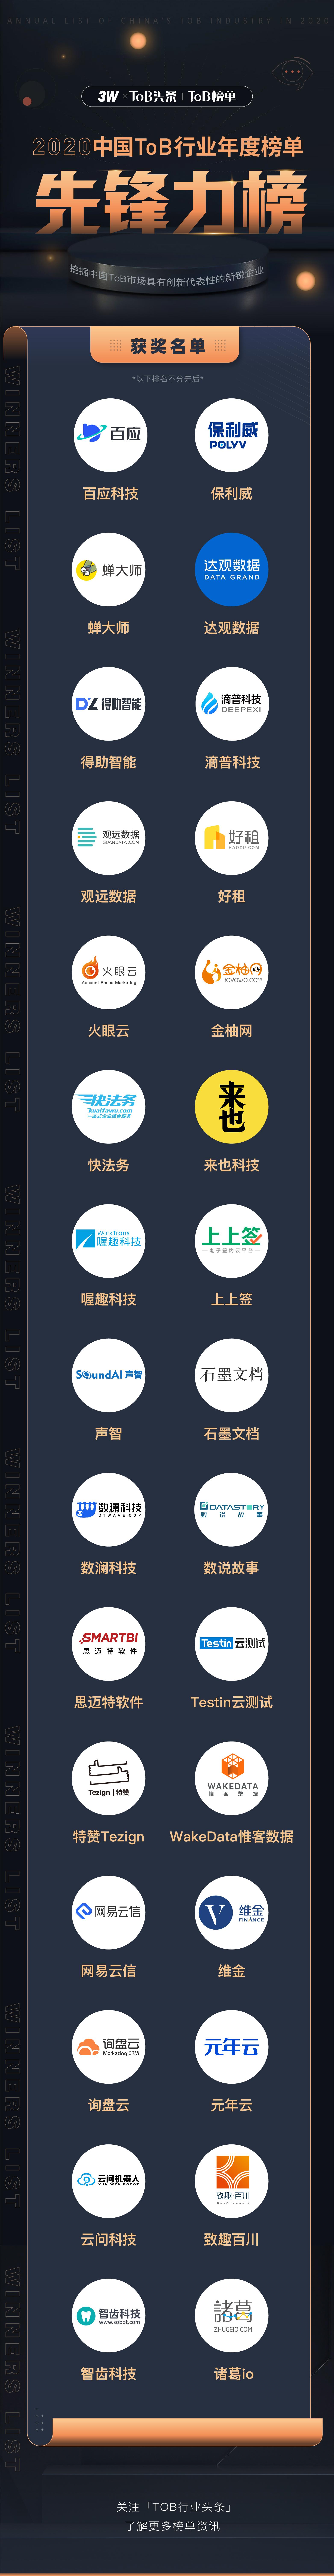 企业先锋力榜单-32.jpg